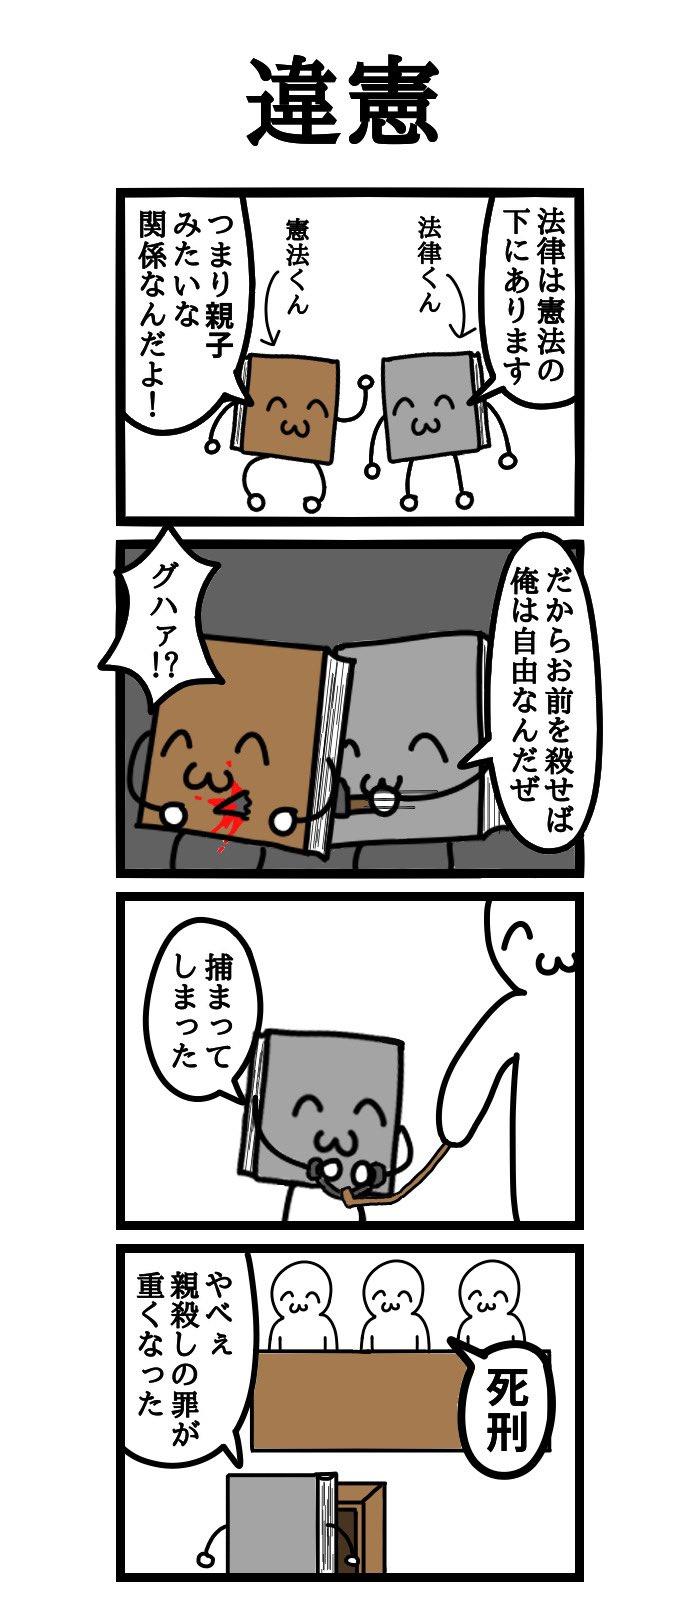 四コマ漫画「違憲」 : Schulze BLOG